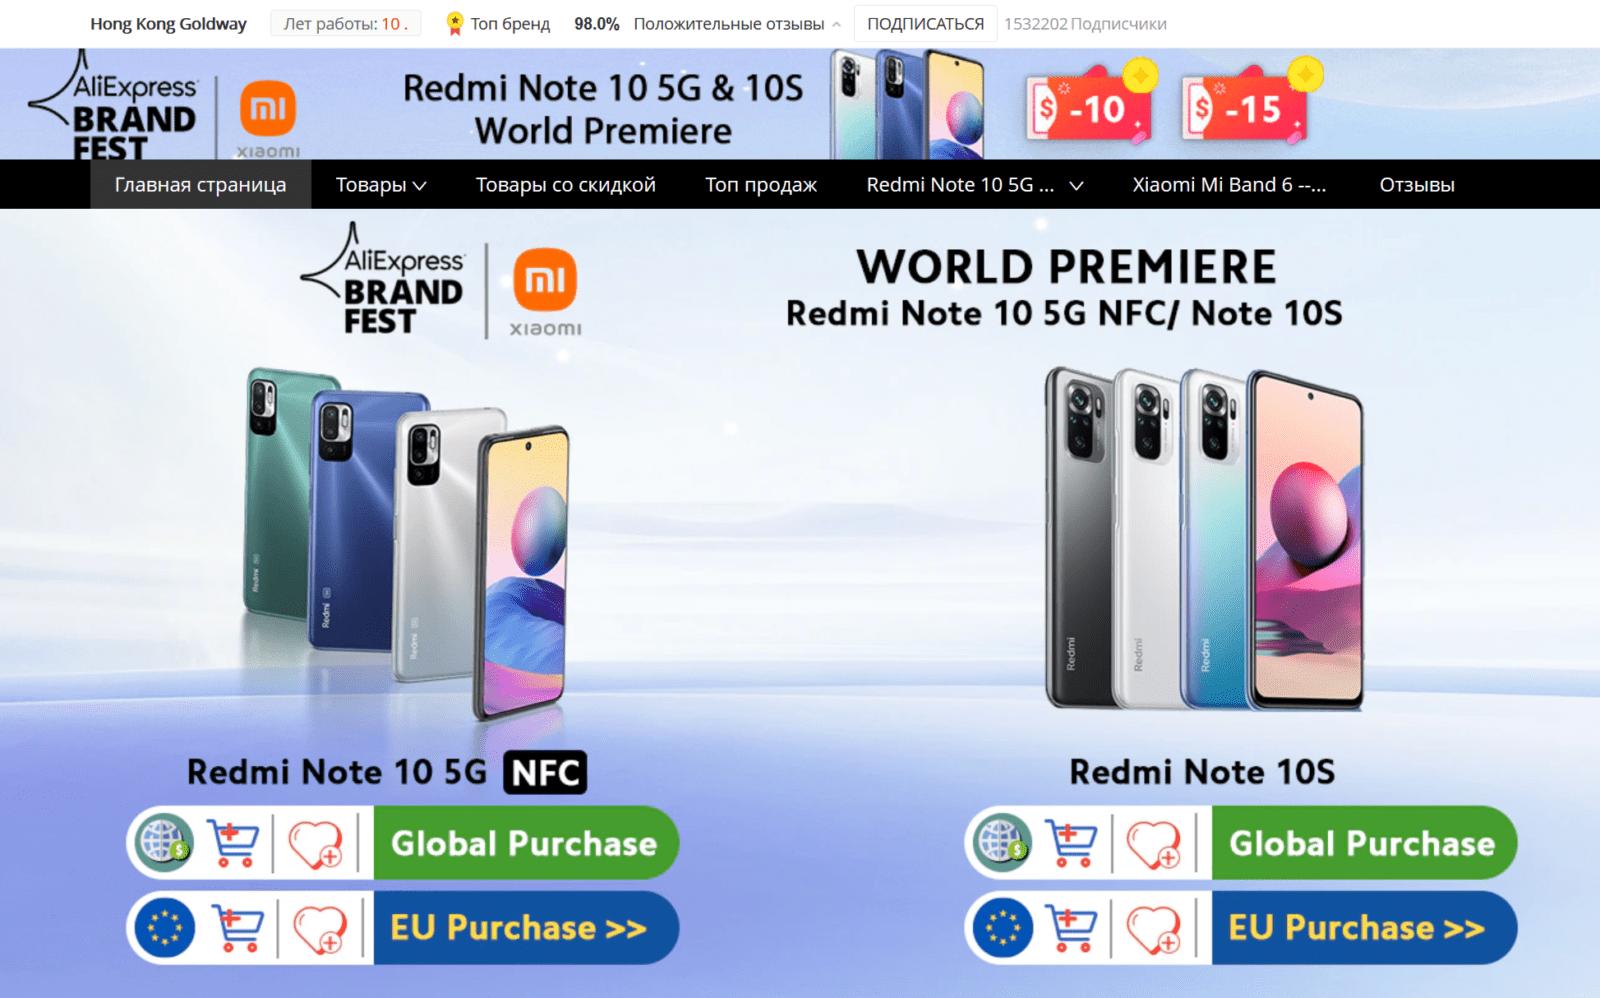 Распродажа Бренд фест Xiaomi Мировые премьеры телефонов